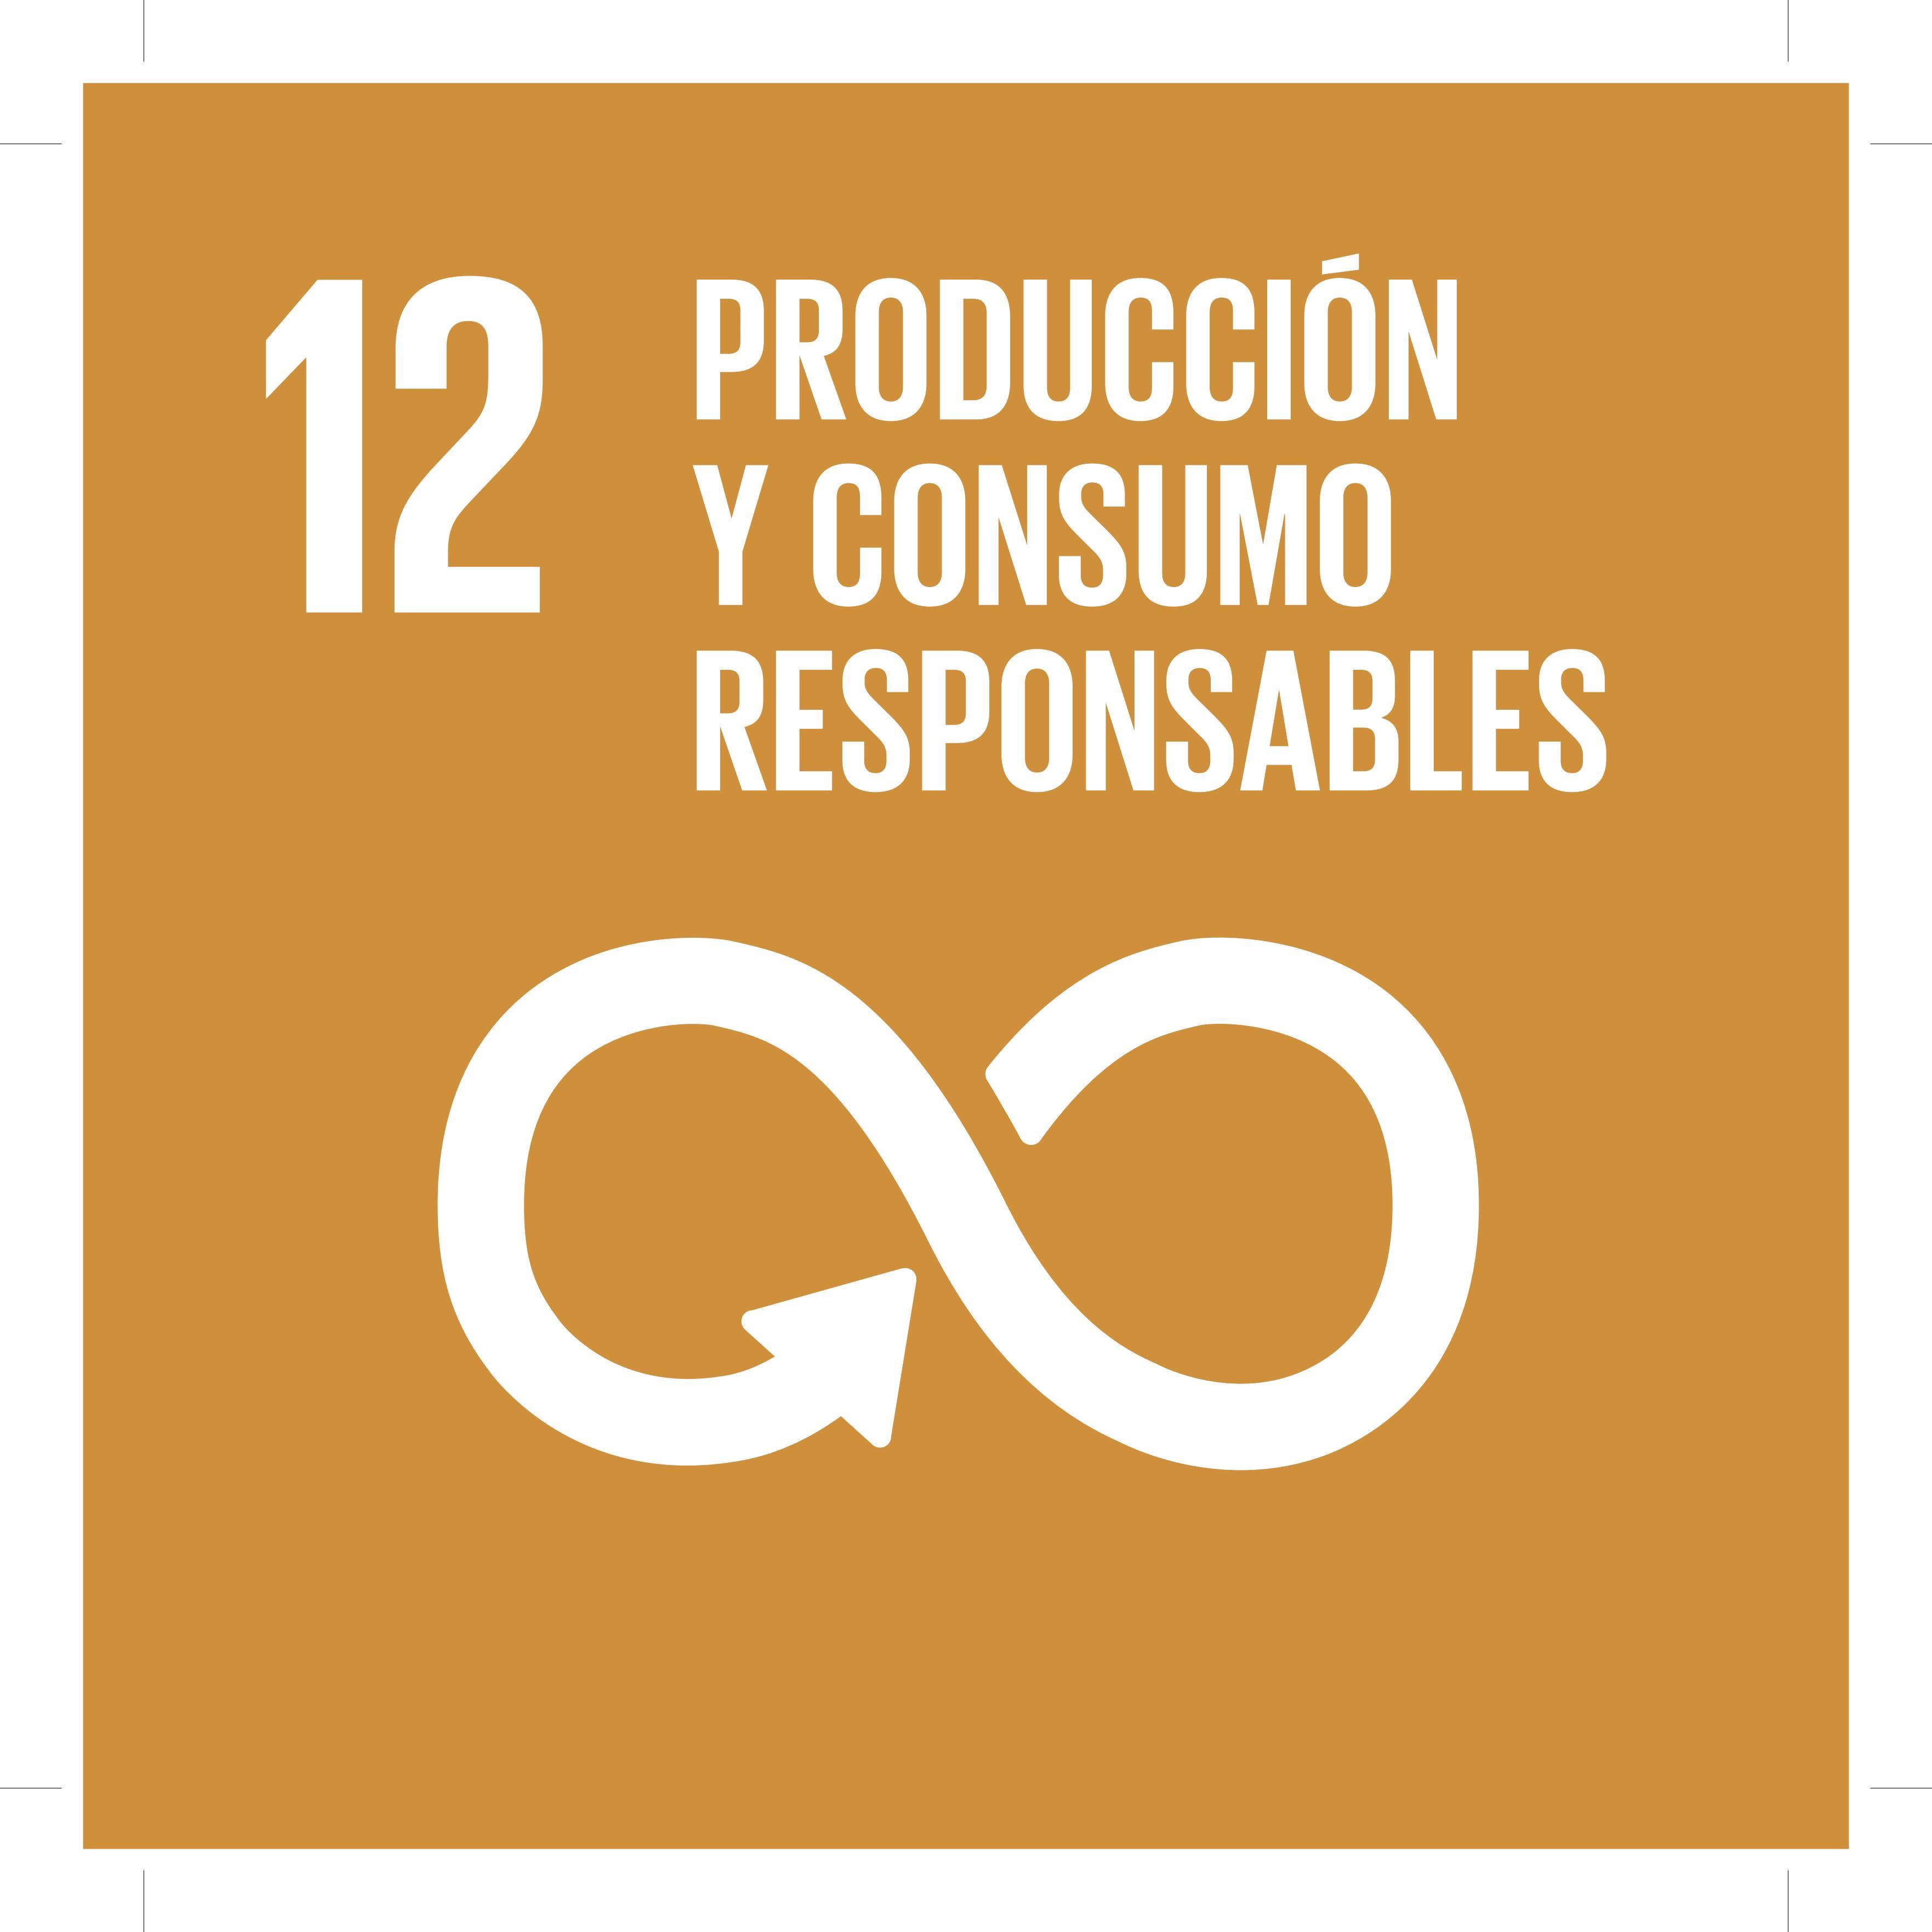 ODS12 - Producción y consumo responsables